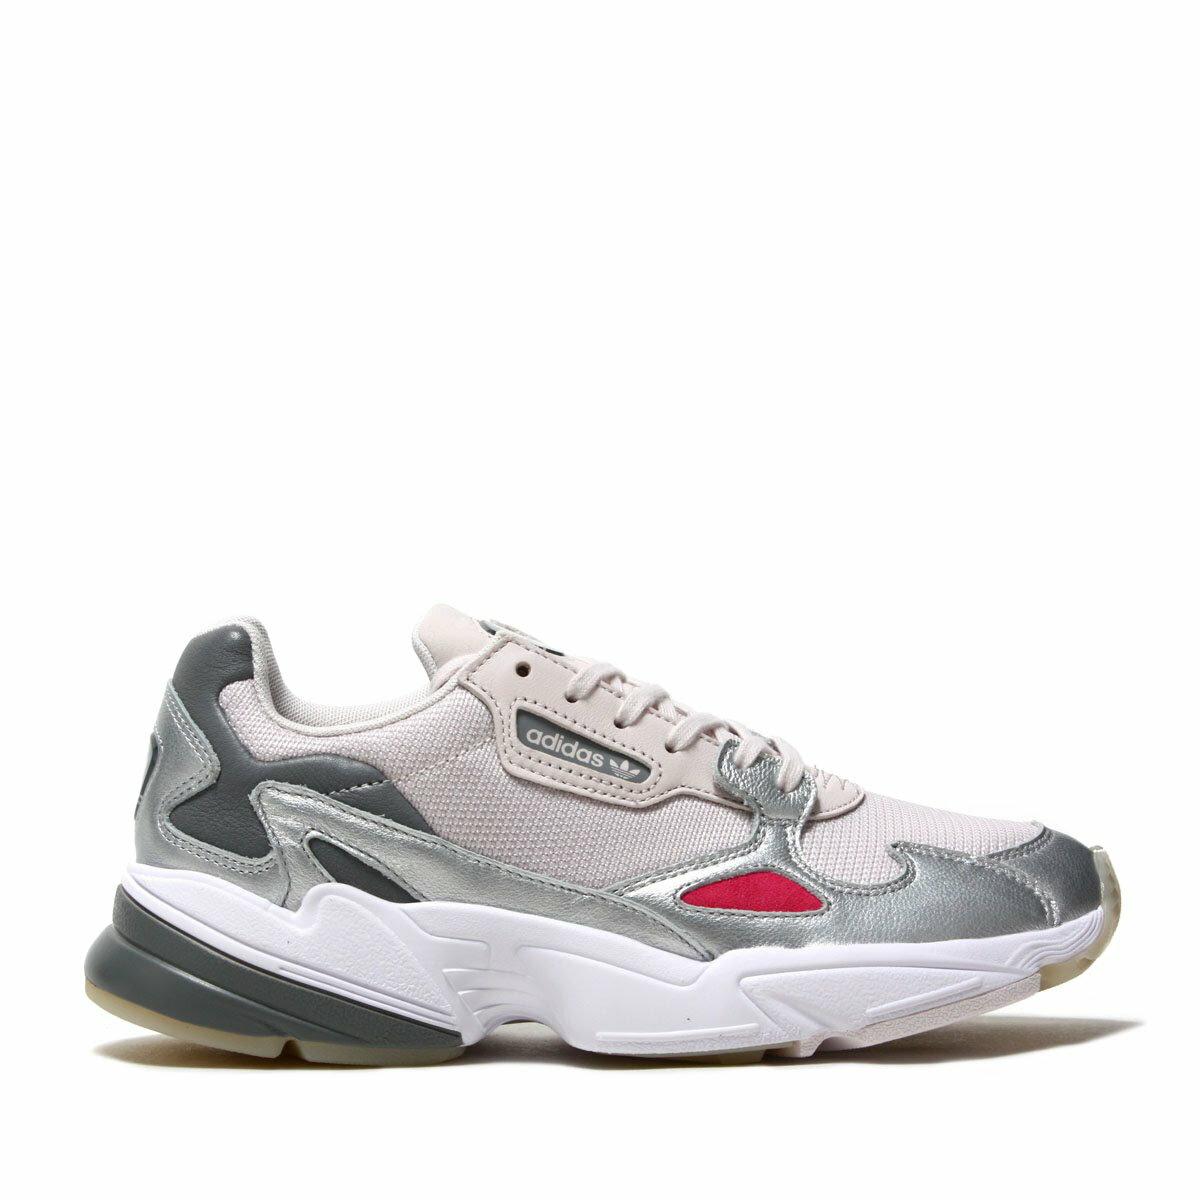 レディース靴, スニーカー adidas Originals Falcon W LL(ORCHID TINTORCHID TINTSILVER MET)( W LL)18FW-I